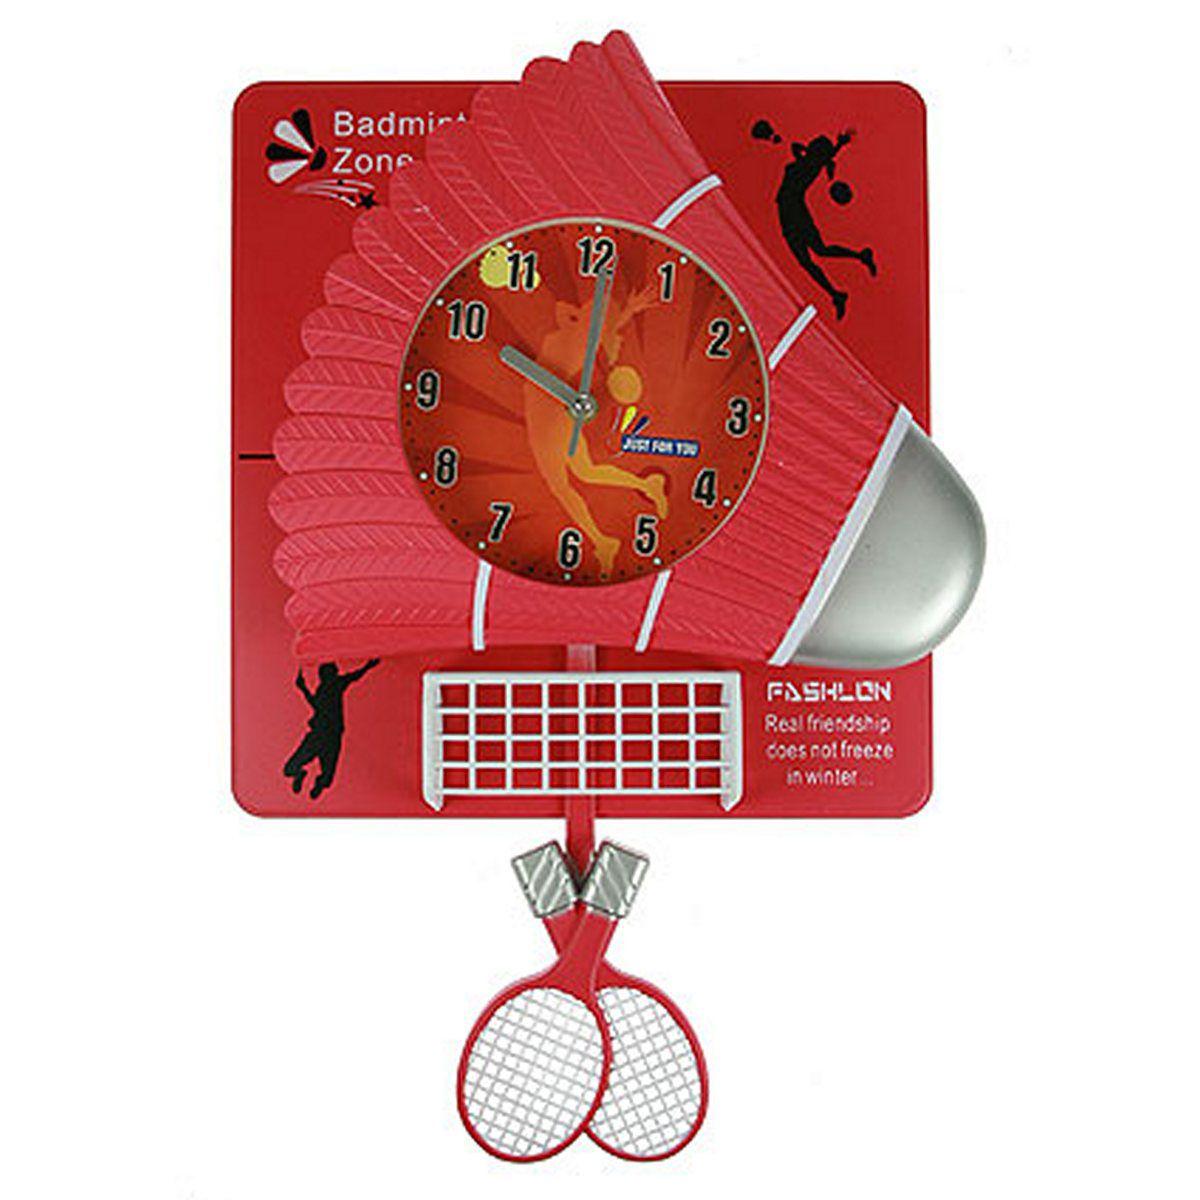 Часы настенные Русские Подарки Бадминтон, 31 х 6 х 46 см. 222424222424Настенные кварцевые часы Русские Подарки Бадминтон изготовлены из пластика. Корпус оригинально оформлен элементами игры в бадминтон. Часы имеют две стрелки - часовую и минутную. С обратной стороны имеется петелька для подвешивания на стену. Такие часы красиво и необычно оформят интерьер дома или офиса. Также часы могут стать уникальным, полезным подарком для родственников, коллег, знакомых и близких. Часы работают от батареек типа АА (в комплект не входят).